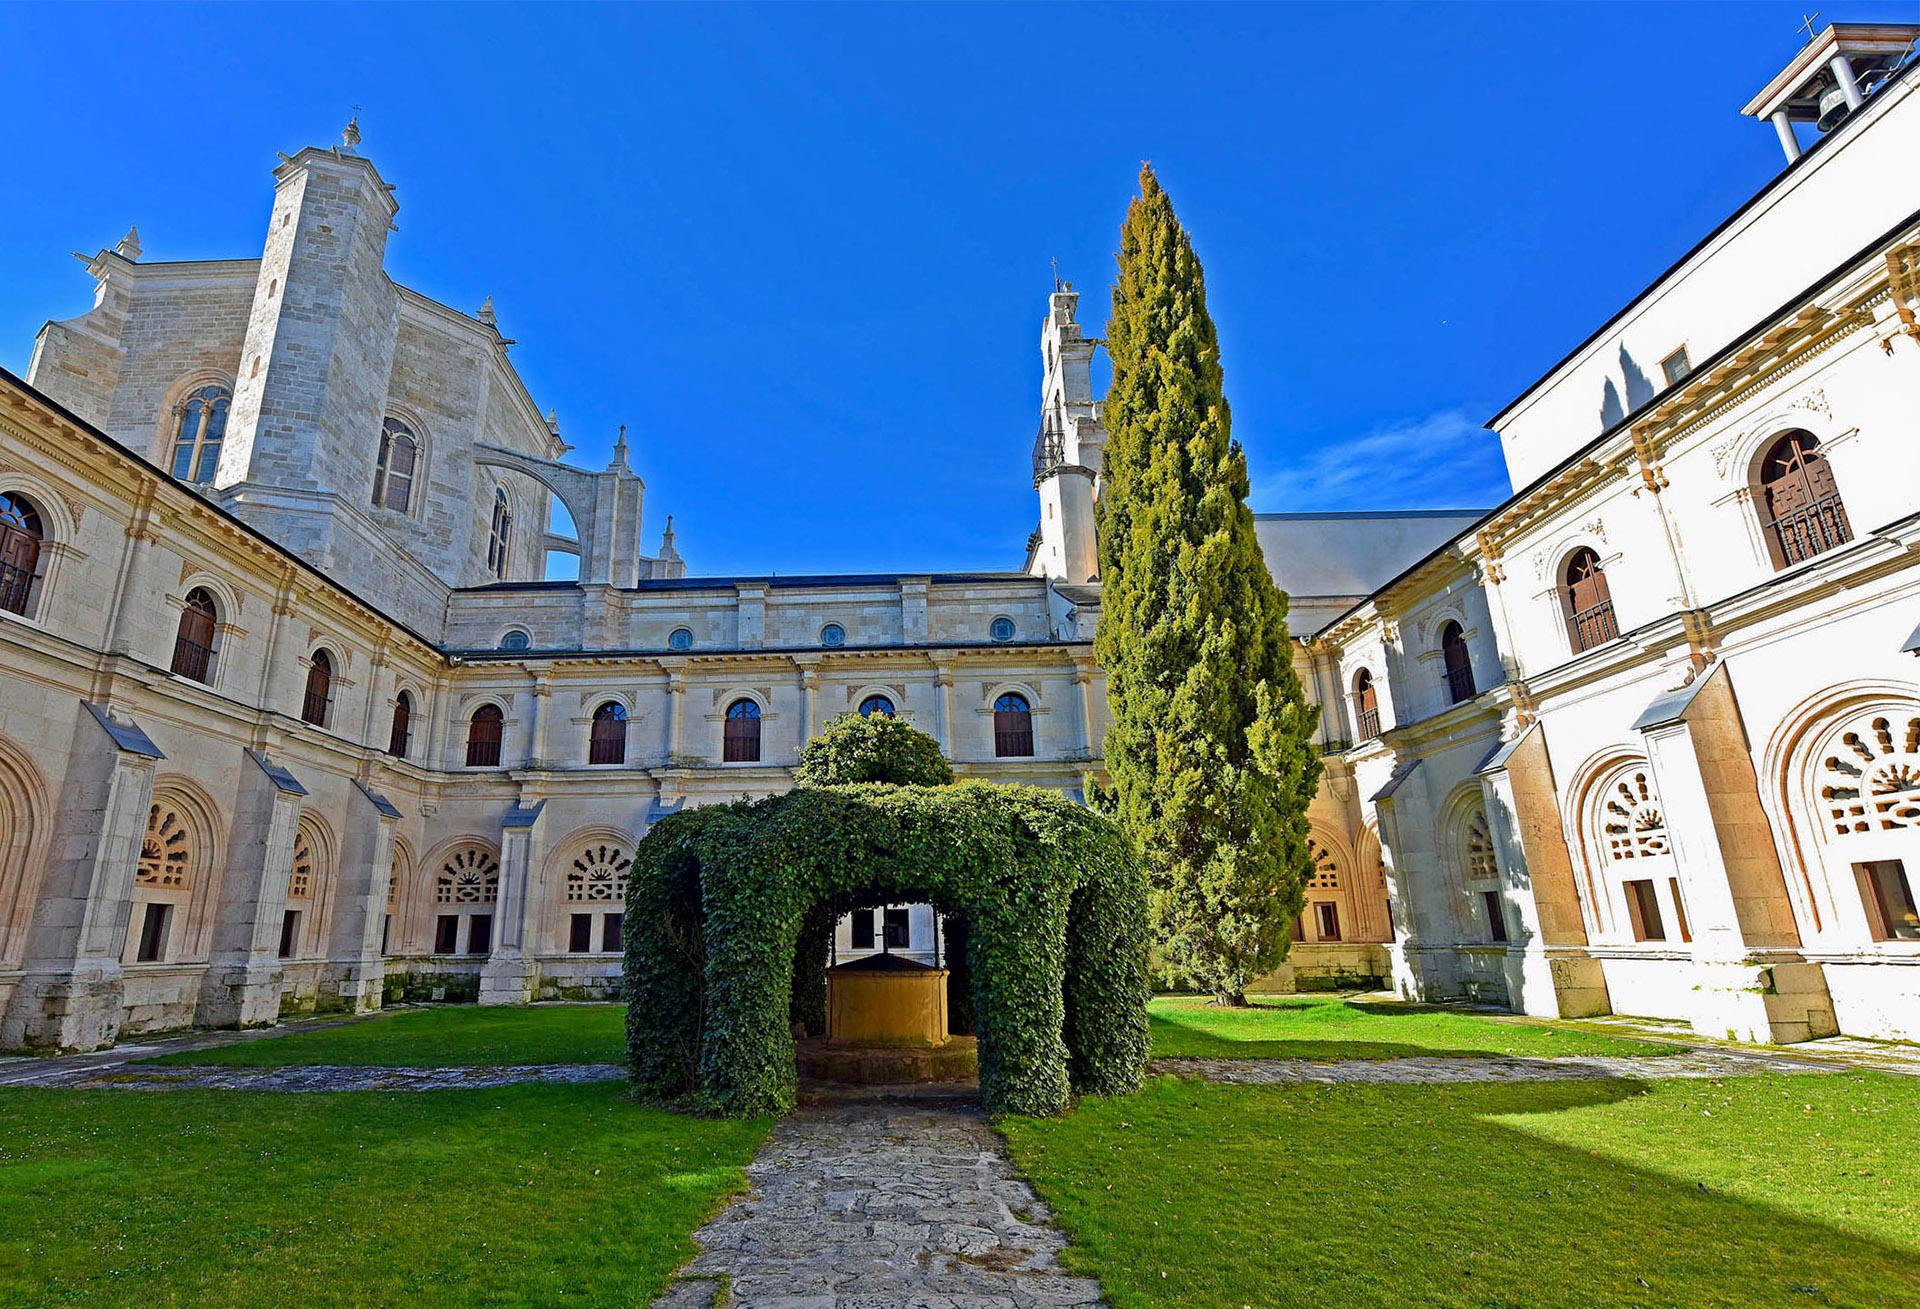 La Hospedería, junto al Monasterio agustino de La Vid, tiene 34 habitaciones y ofrece los servicios necesarios para descansar en un entorno privilegiado.